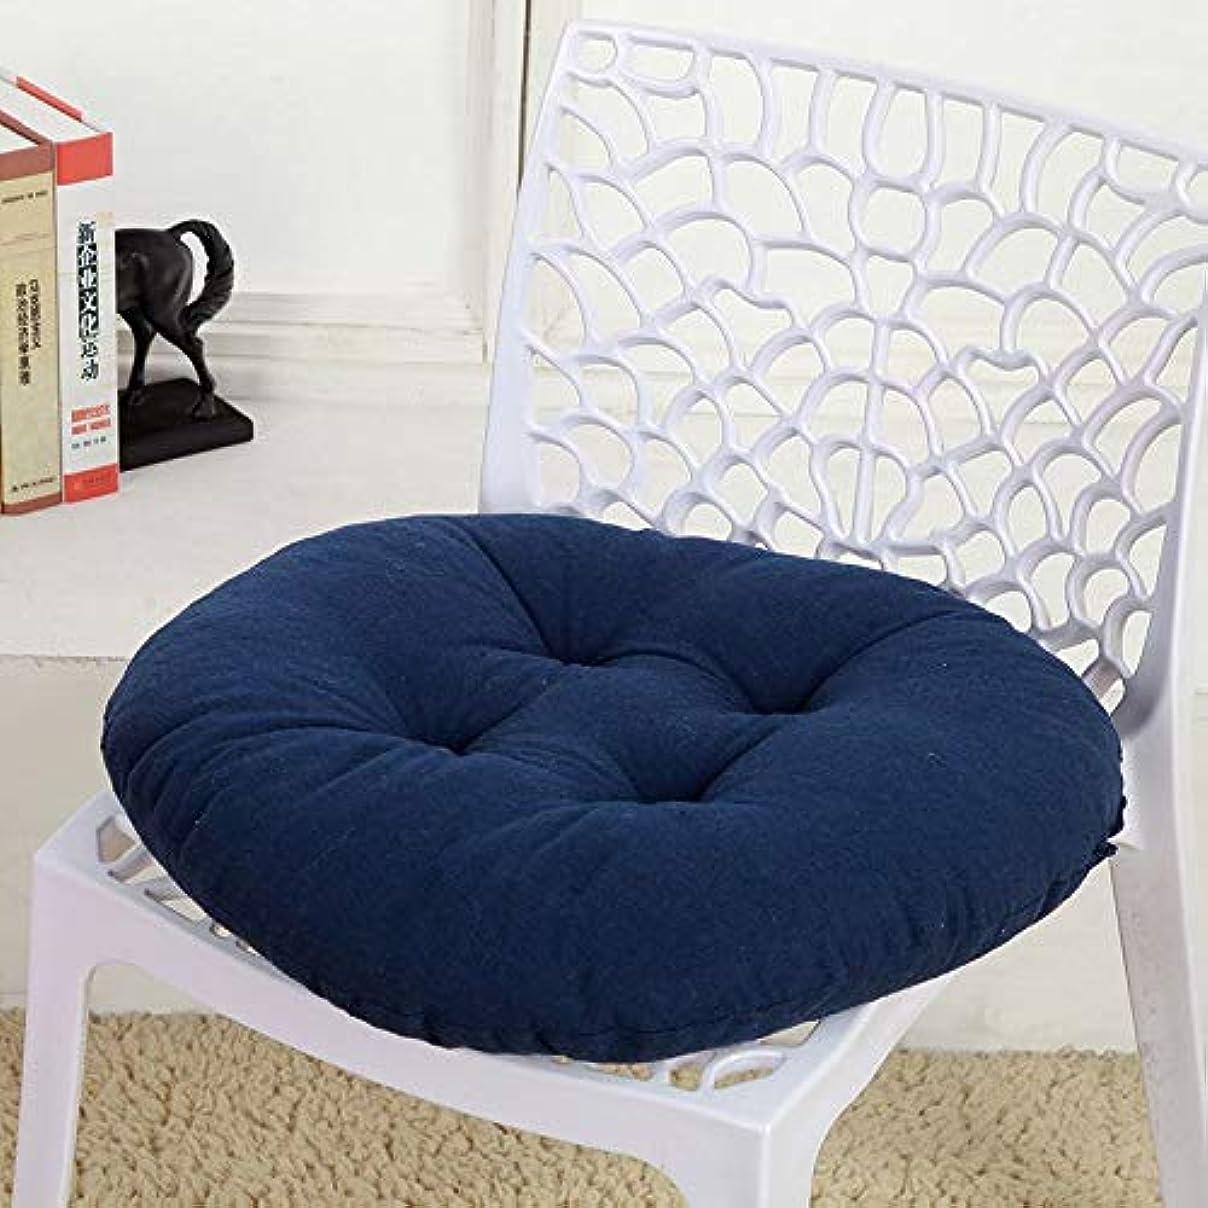 しゃがむ特性支給SMART キャンディカラーのクッションラウンドシートクッション波ウィンドウシートクッションクッション家の装飾パッドラウンド枕シート枕椅子座る枕 クッション 椅子